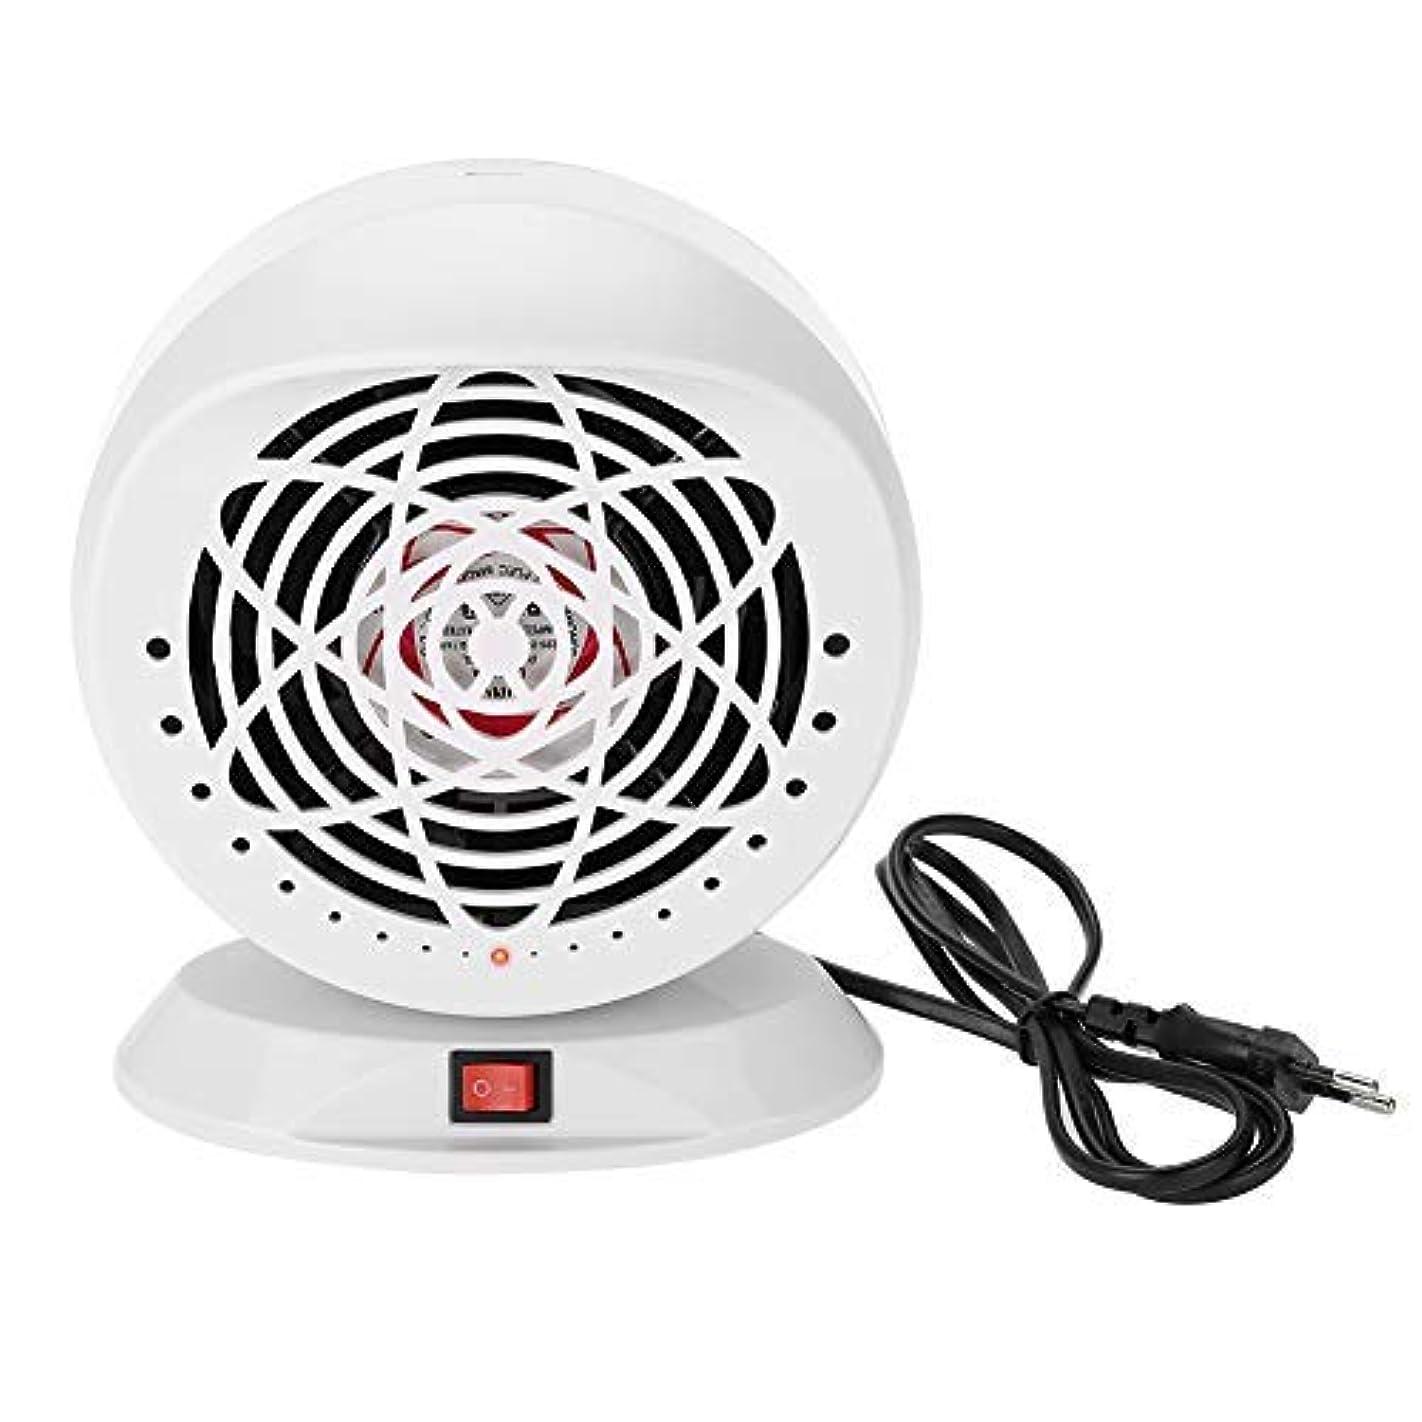 統計窒息させる空気ネイル集塵機 25W ネイルダスト ネイル機器 ミニサイズ 低騒音 ネイルケア サロン お手入れ簡単